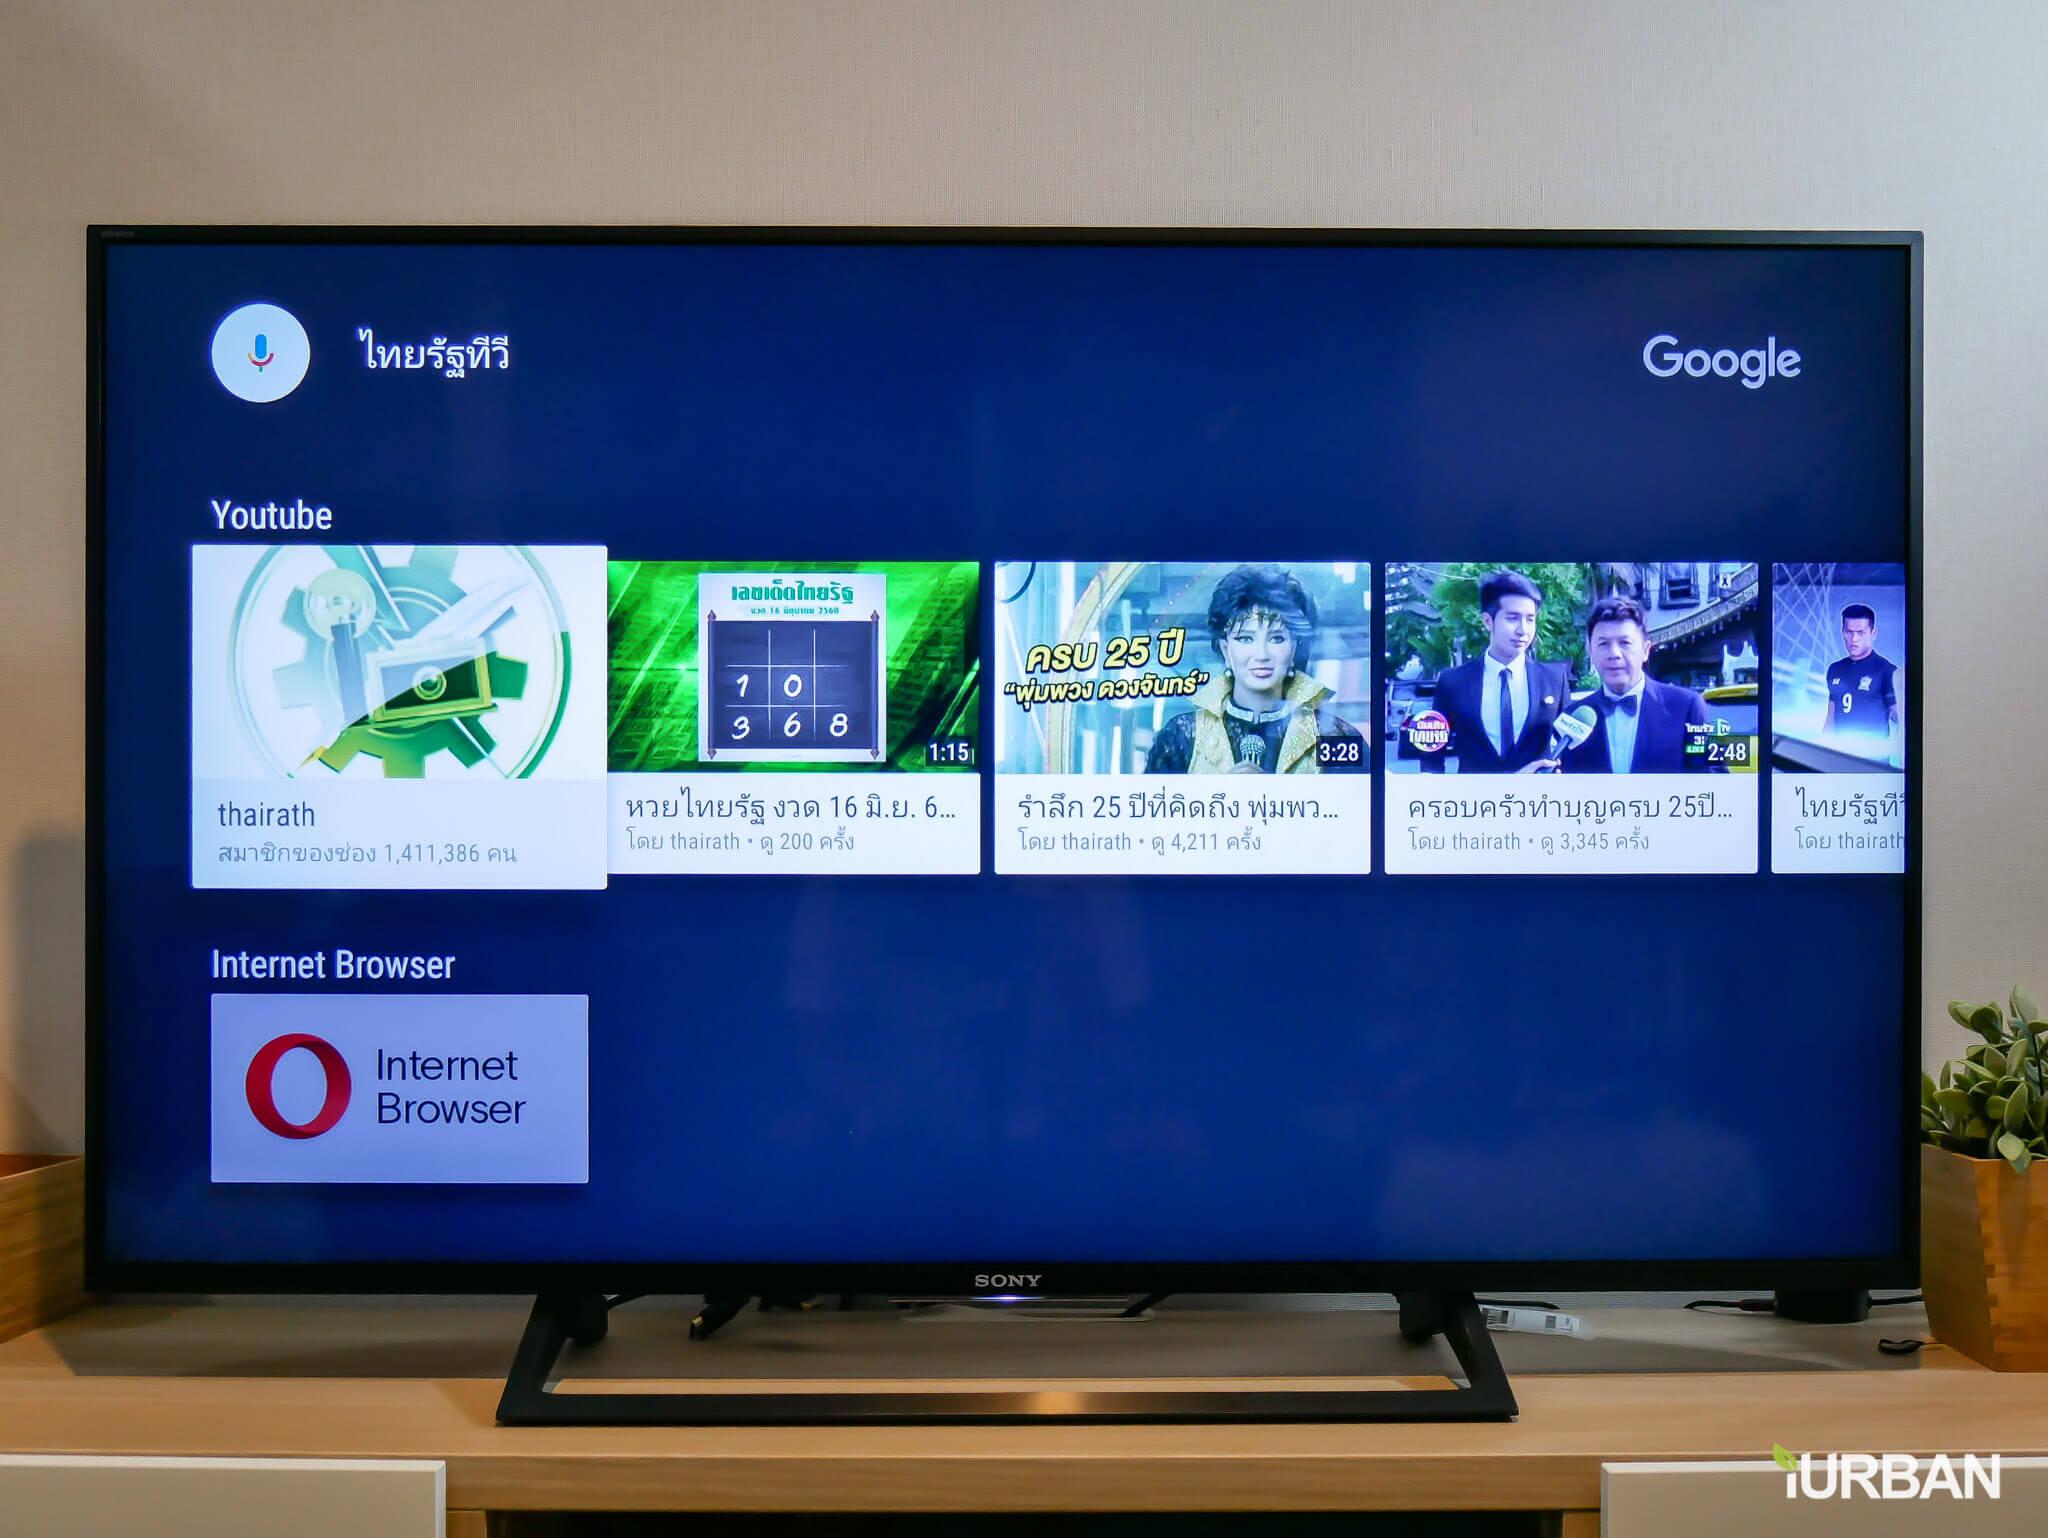 รีวิว SONY Android TV รุ่น X8000E งบ 26,990 แต่สเปค 4K HDR เชื่อมโลก Social กับทีวีอย่างสมบูรณ์แบบ 42 - Android